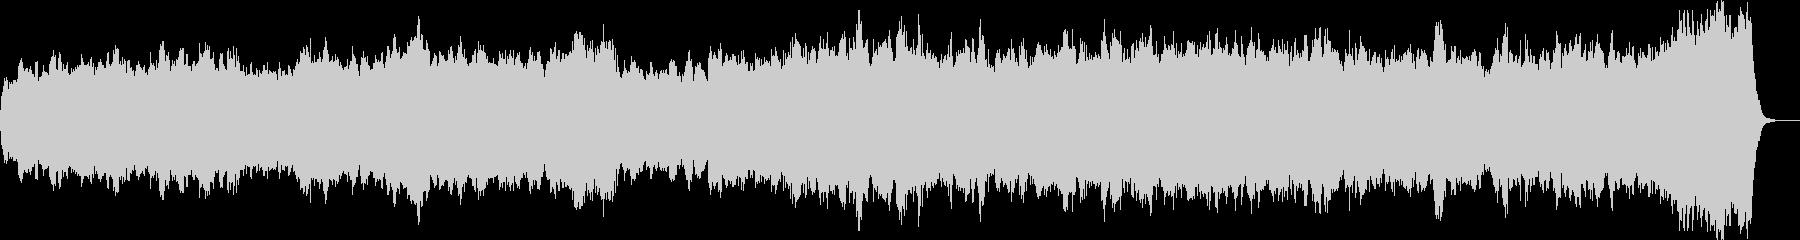 パイプオルガンオリジナル教会音楽の未再生の波形